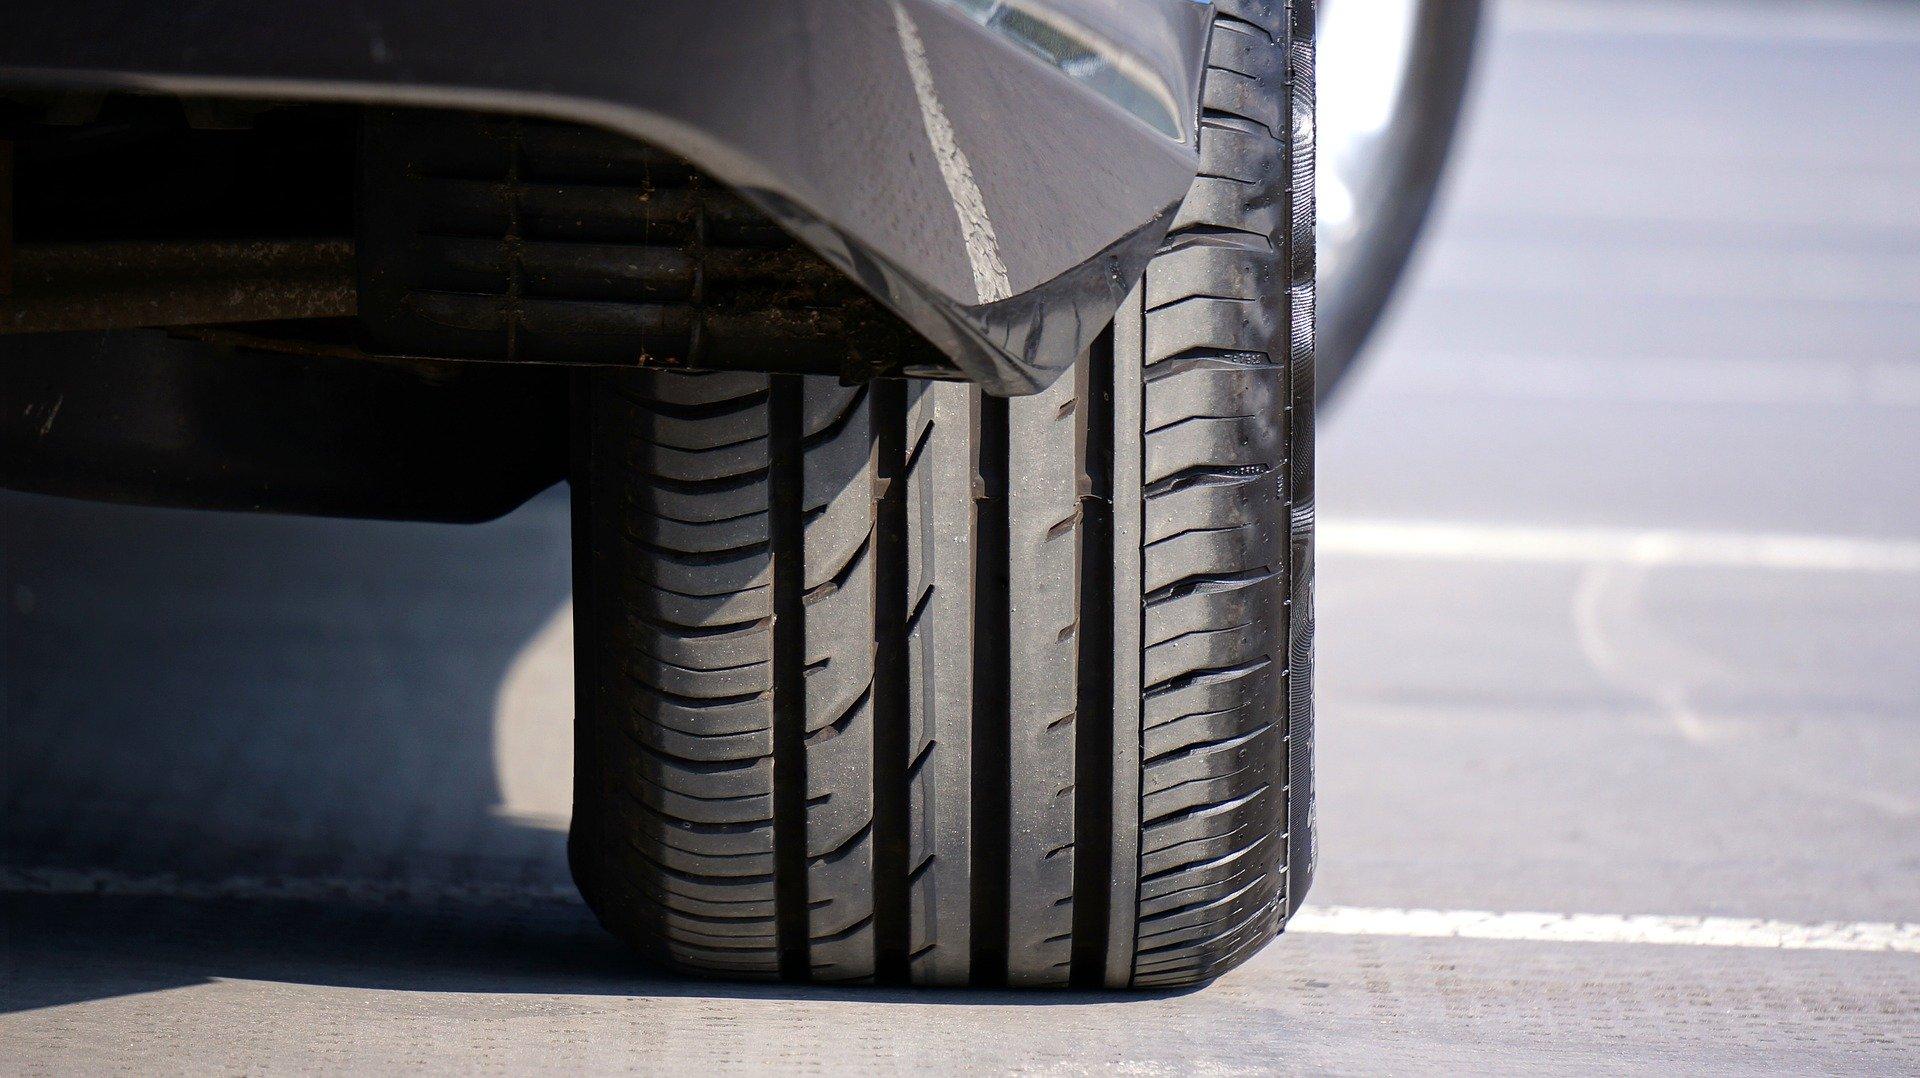 Как правильно накачивать шины автомобили,Полезные советы